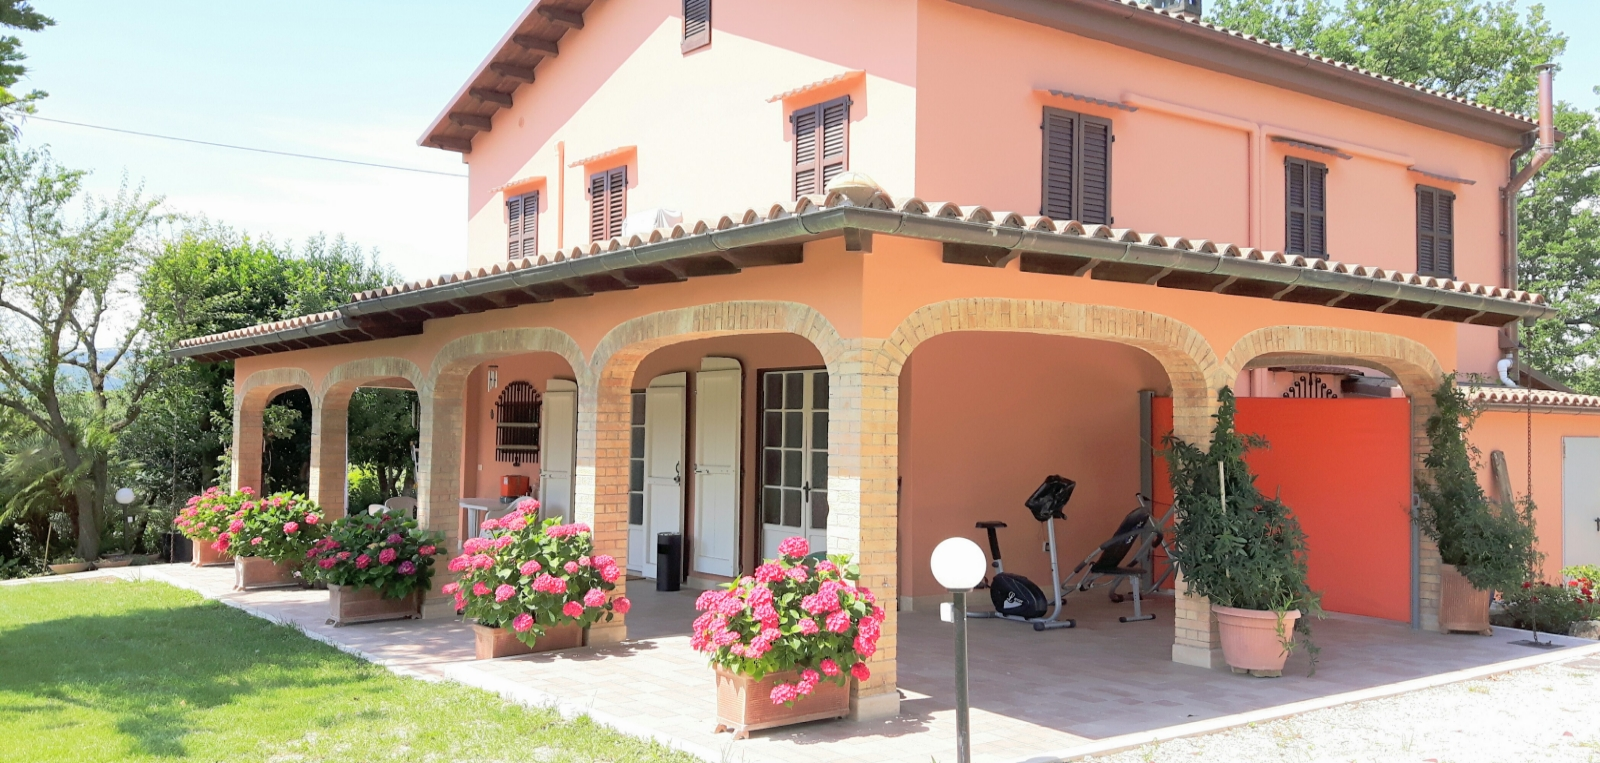 bb-ascoli-piceno-Foto-estiva-Porticato-1600x763